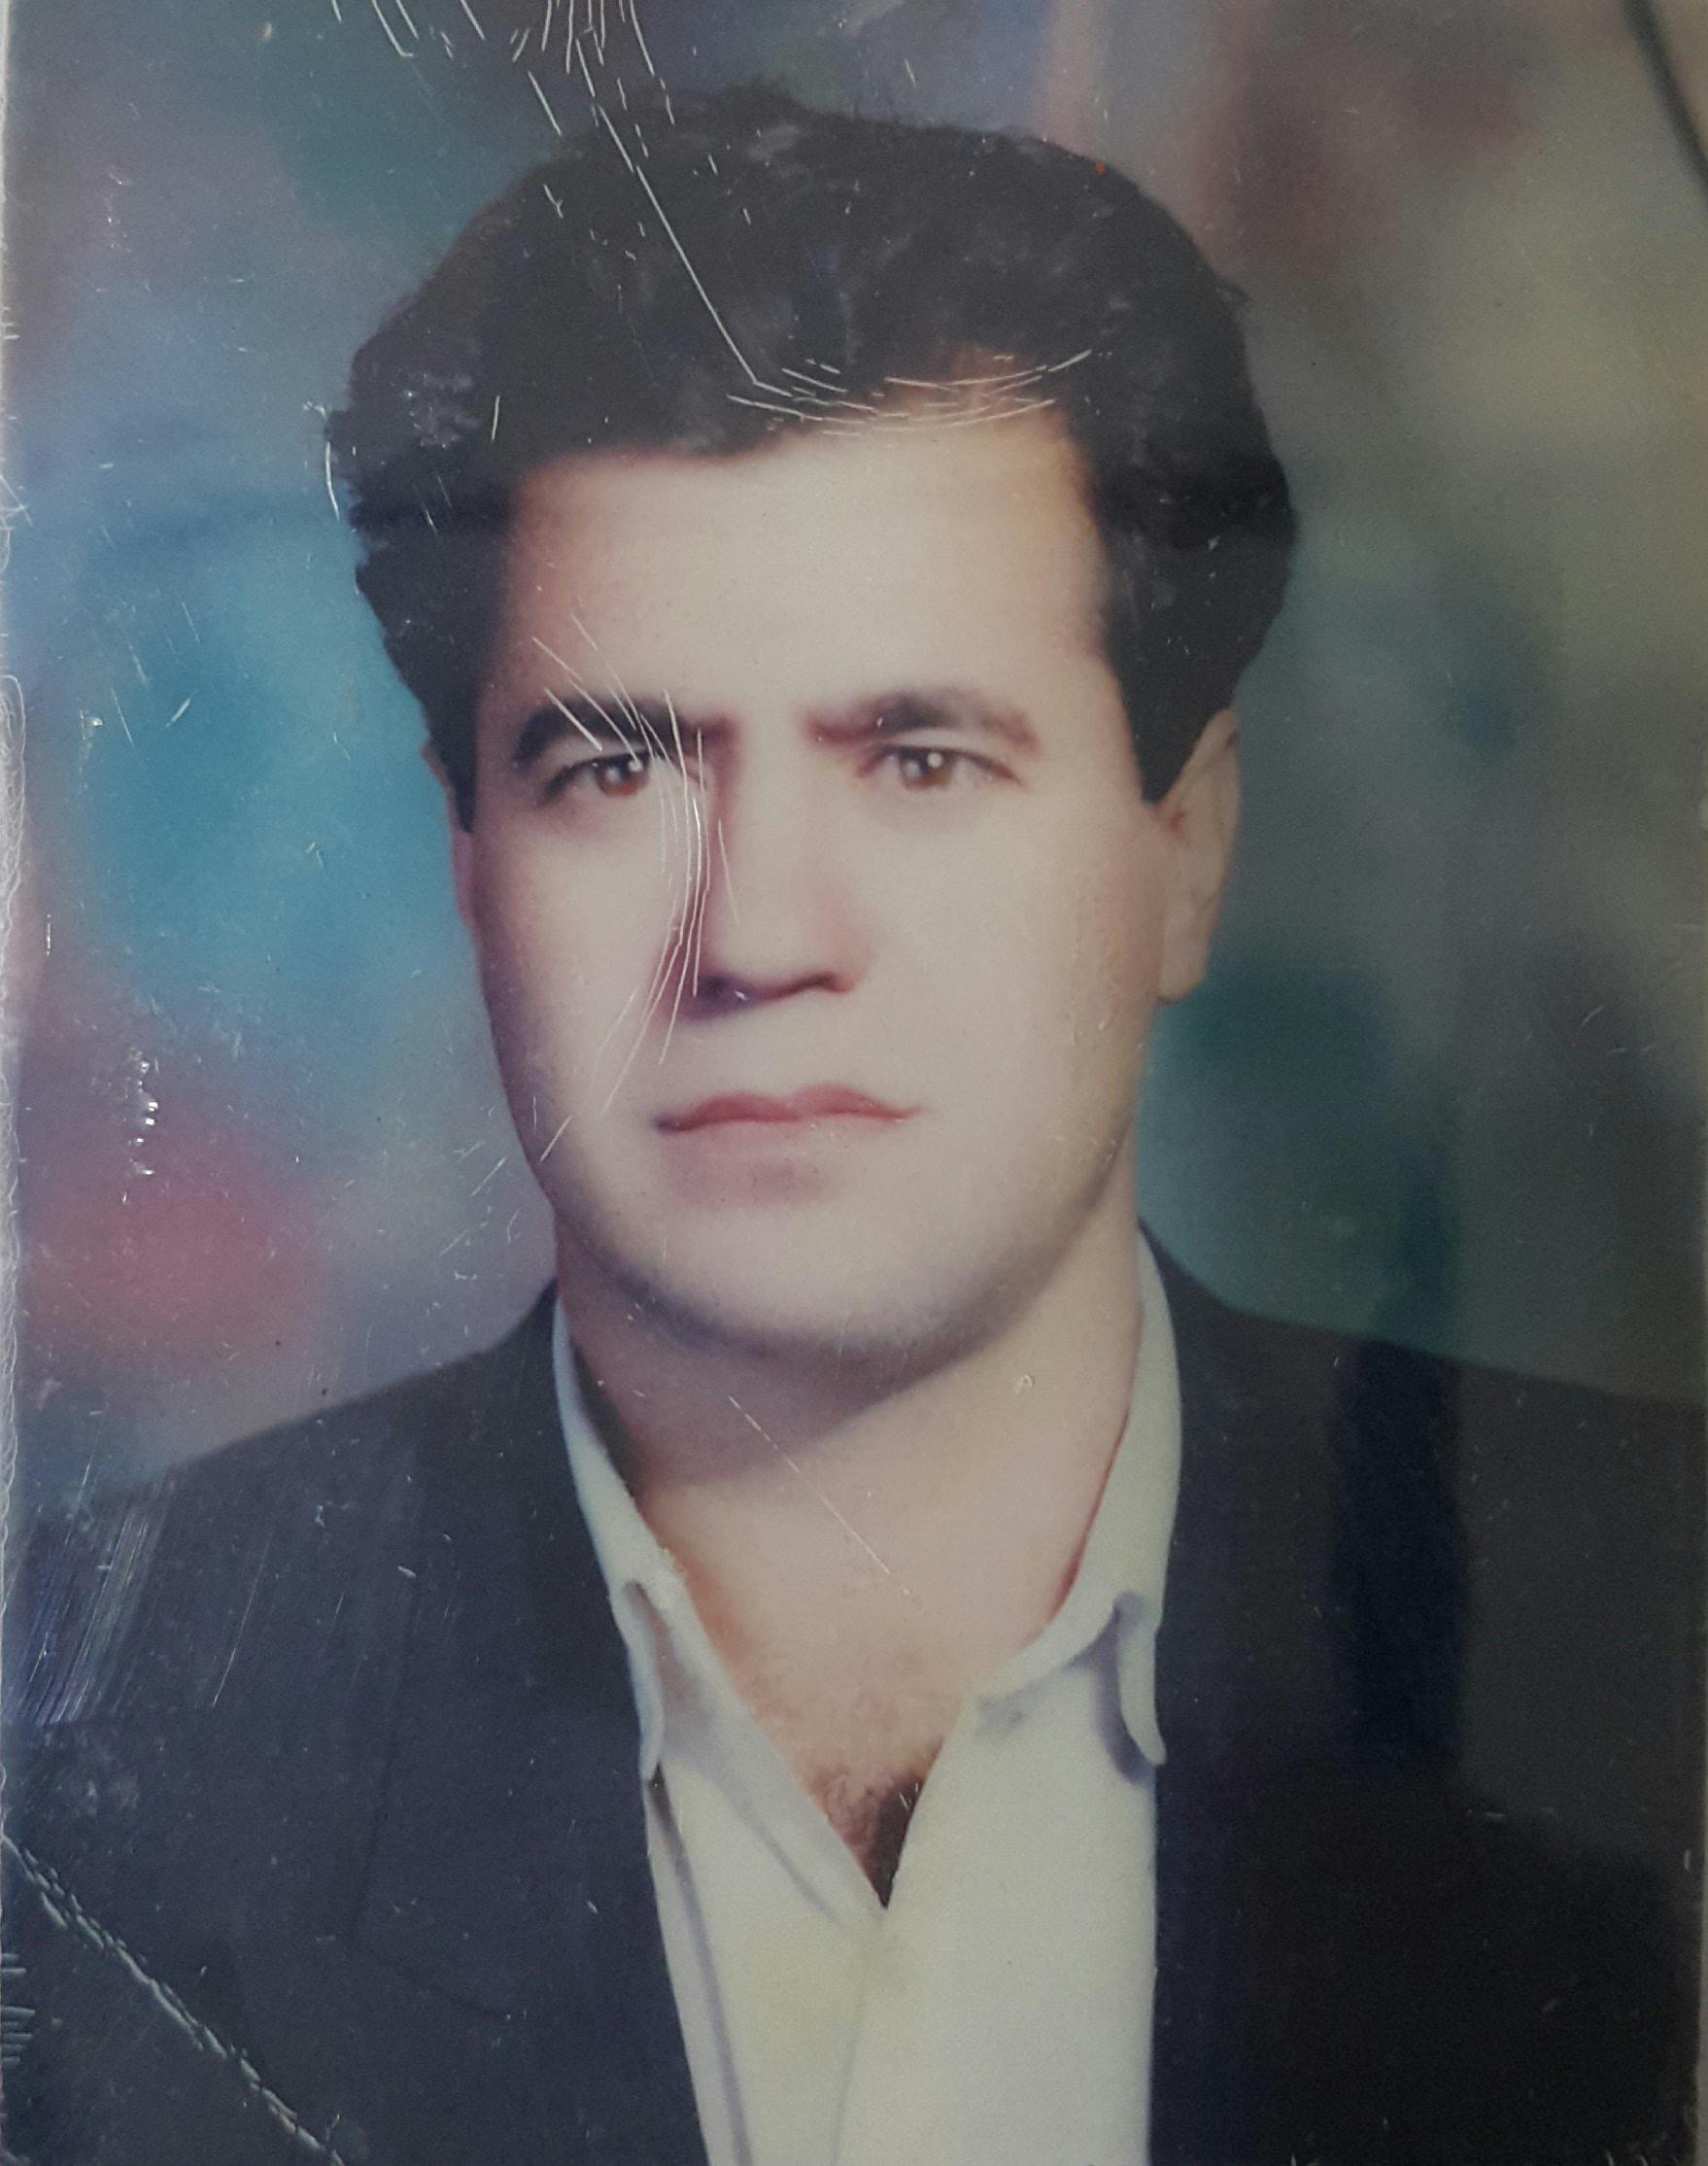 تصویری از محمد اکرمیه، تهیه کننده و بازیگر سینما و تلویزیون در حال بازیگری سر صحنه یکی از آثارش